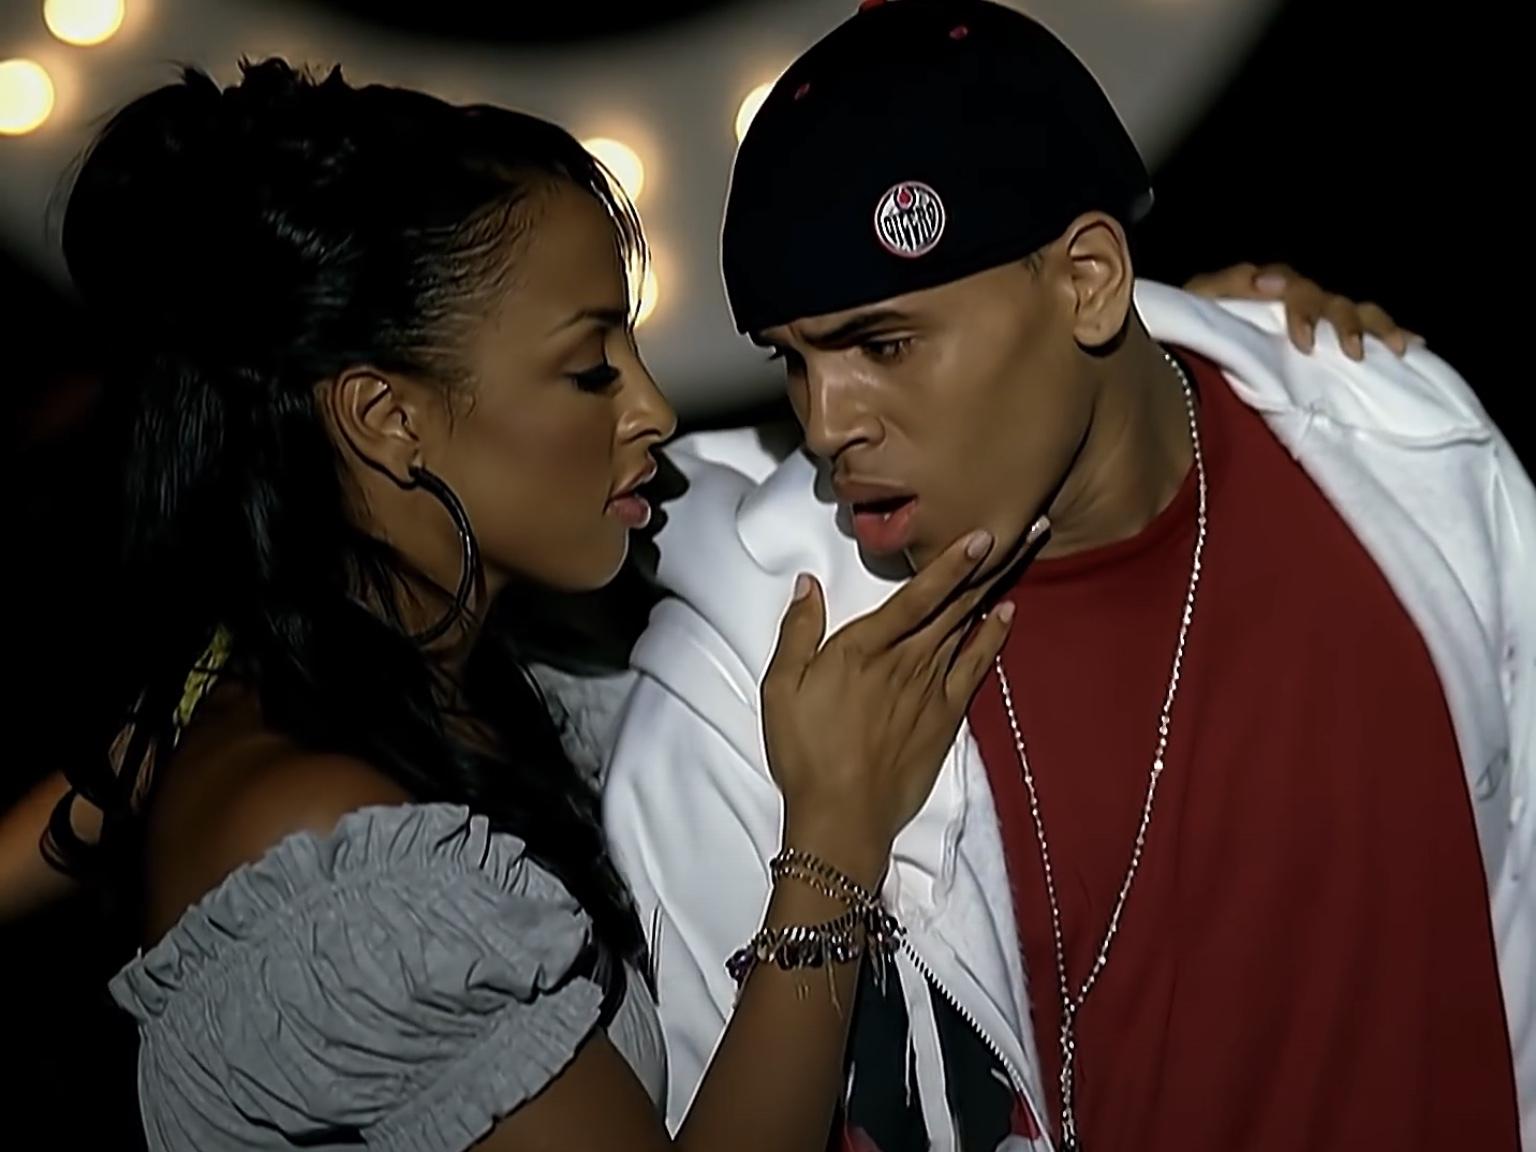 Goodbye Lyrics Chris Brown on Non Sono Disponibili Versioni A Risoluzione Pi   Elevata